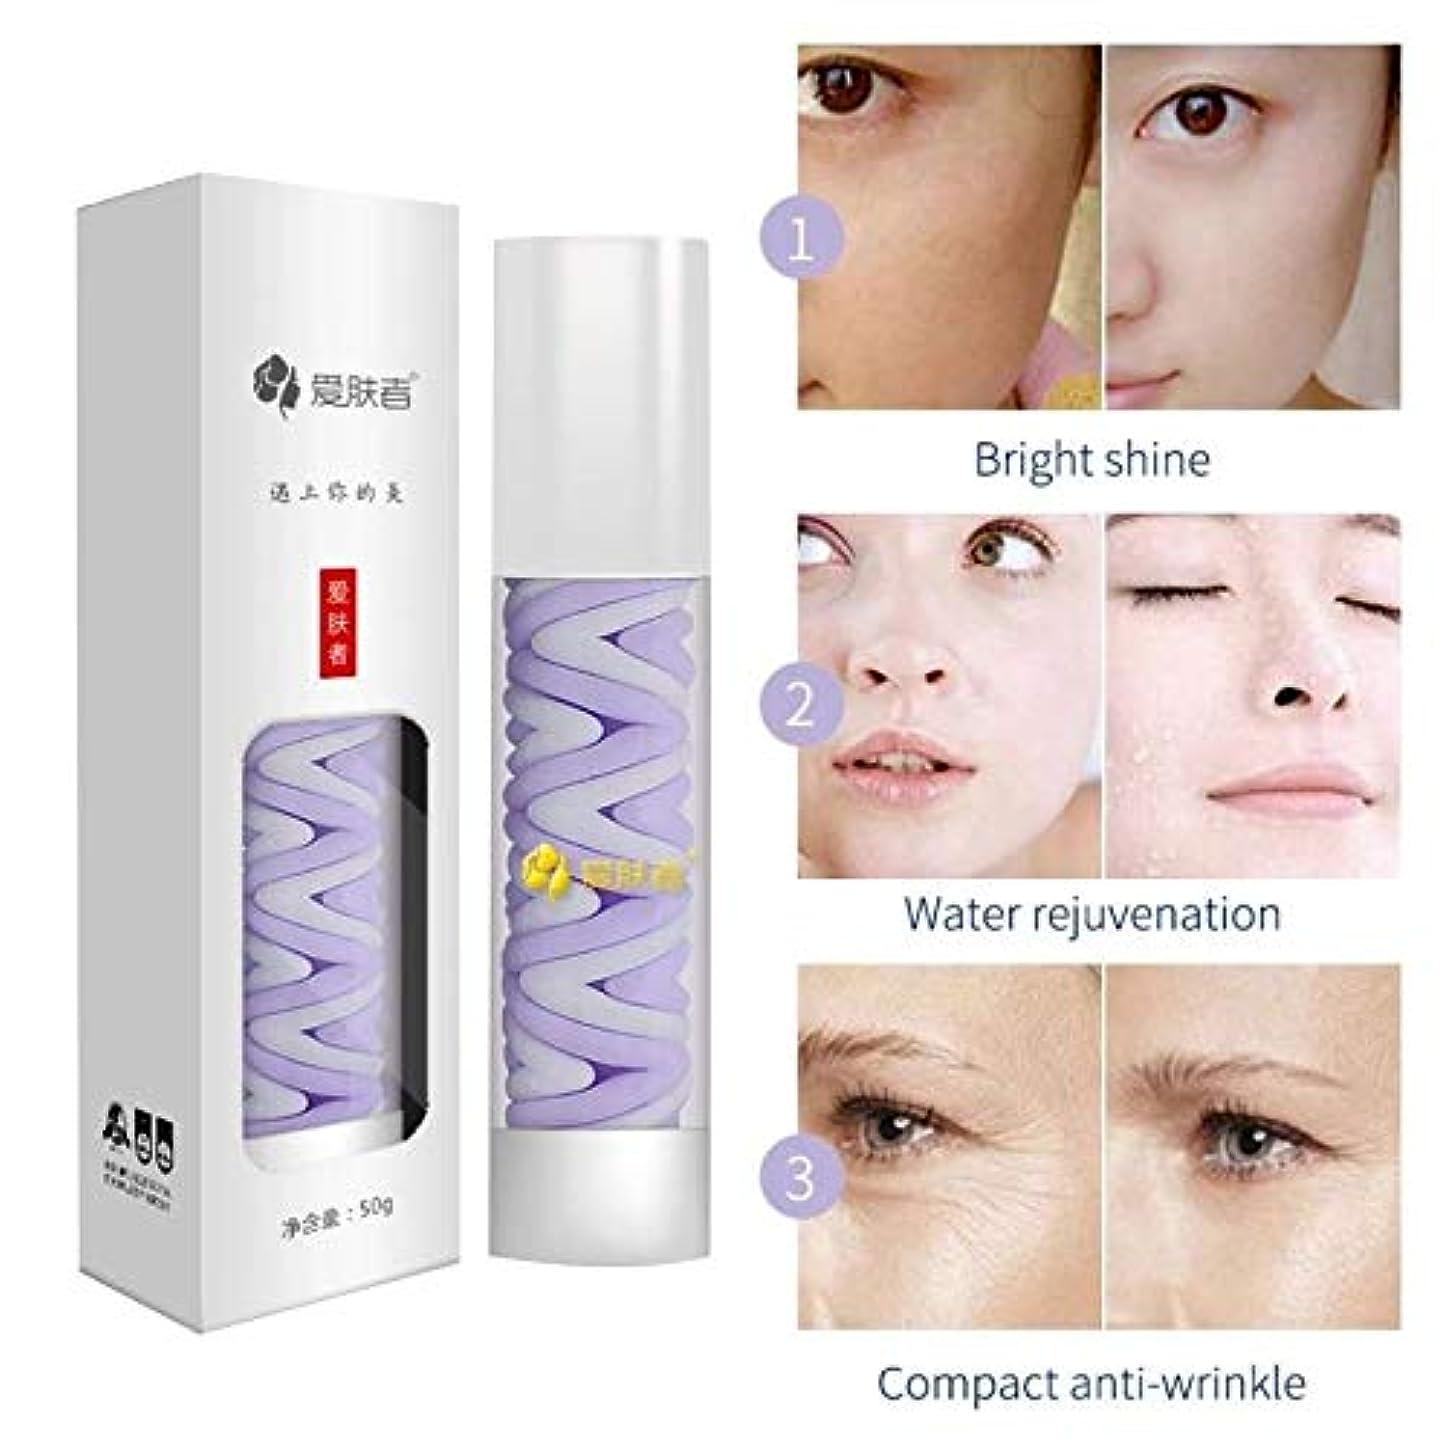 傷跡マイクロプロセッサ降伏hialuronicoリフティングモイスチャライザー寧oをコラーゲンをエイジング保湿フェイスクリームhidratante顔のアンチリンクルケア